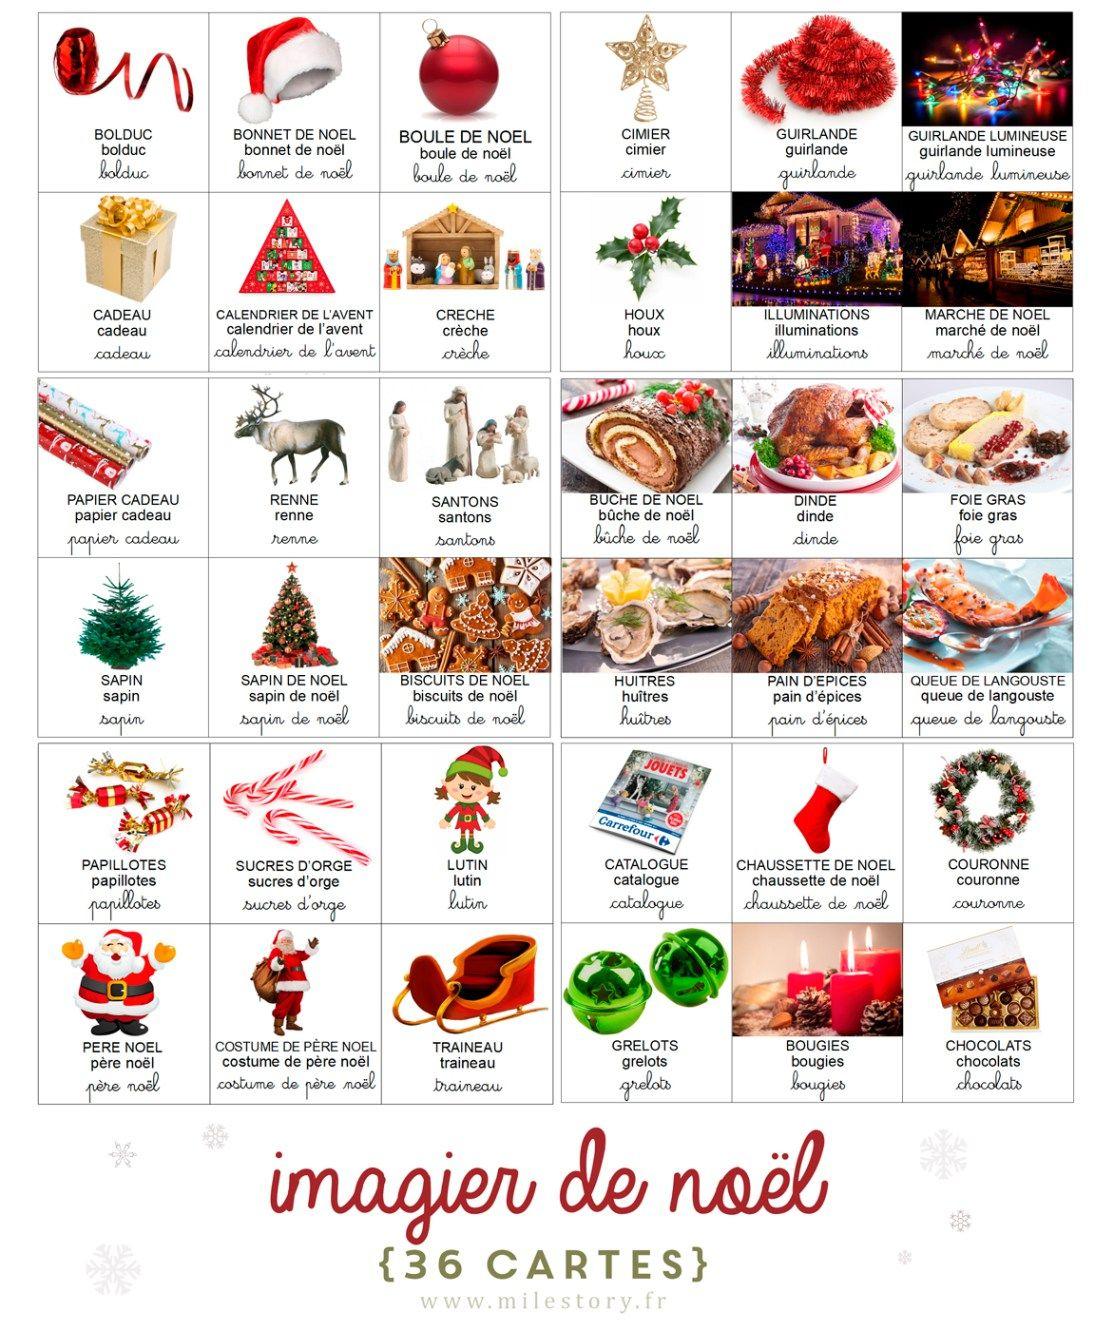 Imagier De Noël, Ief De Noël & Sélection De Livres avec Imagier Noel Maternelle